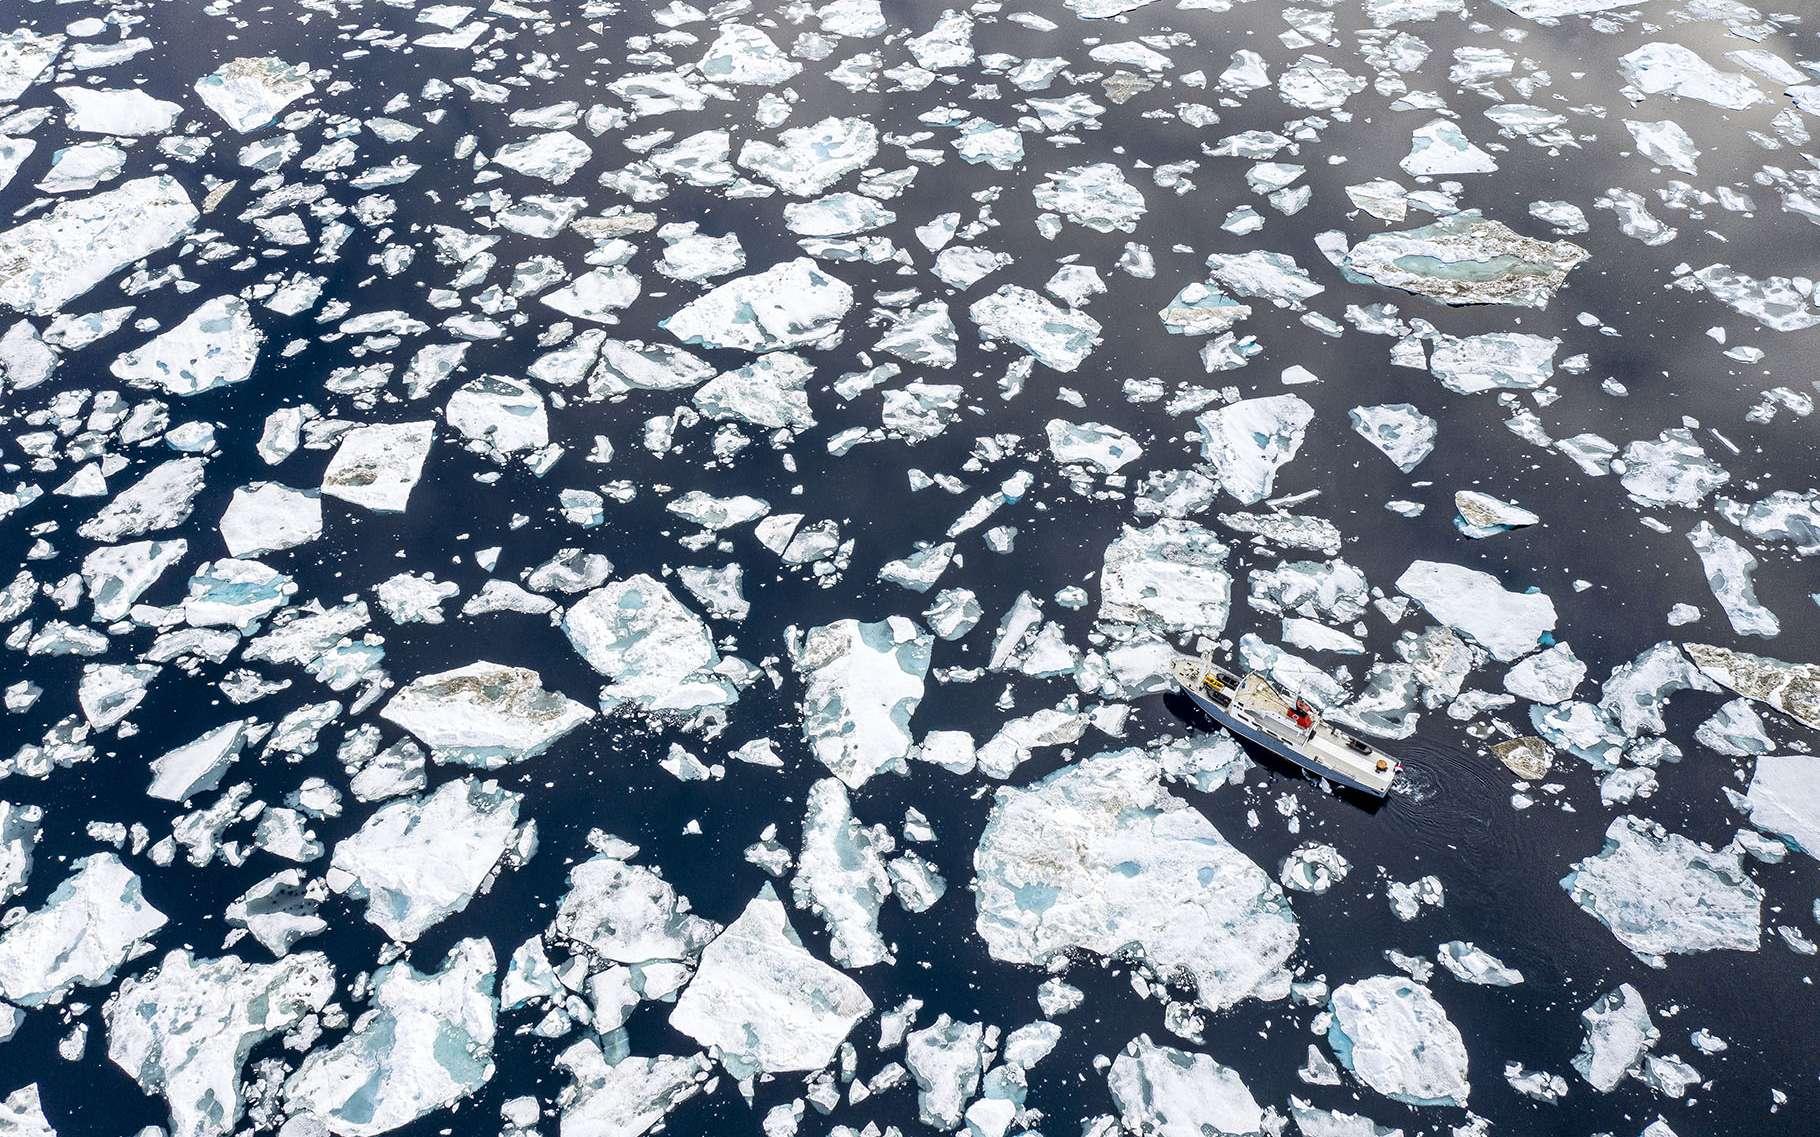 La fonte des glaces au Svalbard, vue par Florian Ledoux. © Florian Ledoux